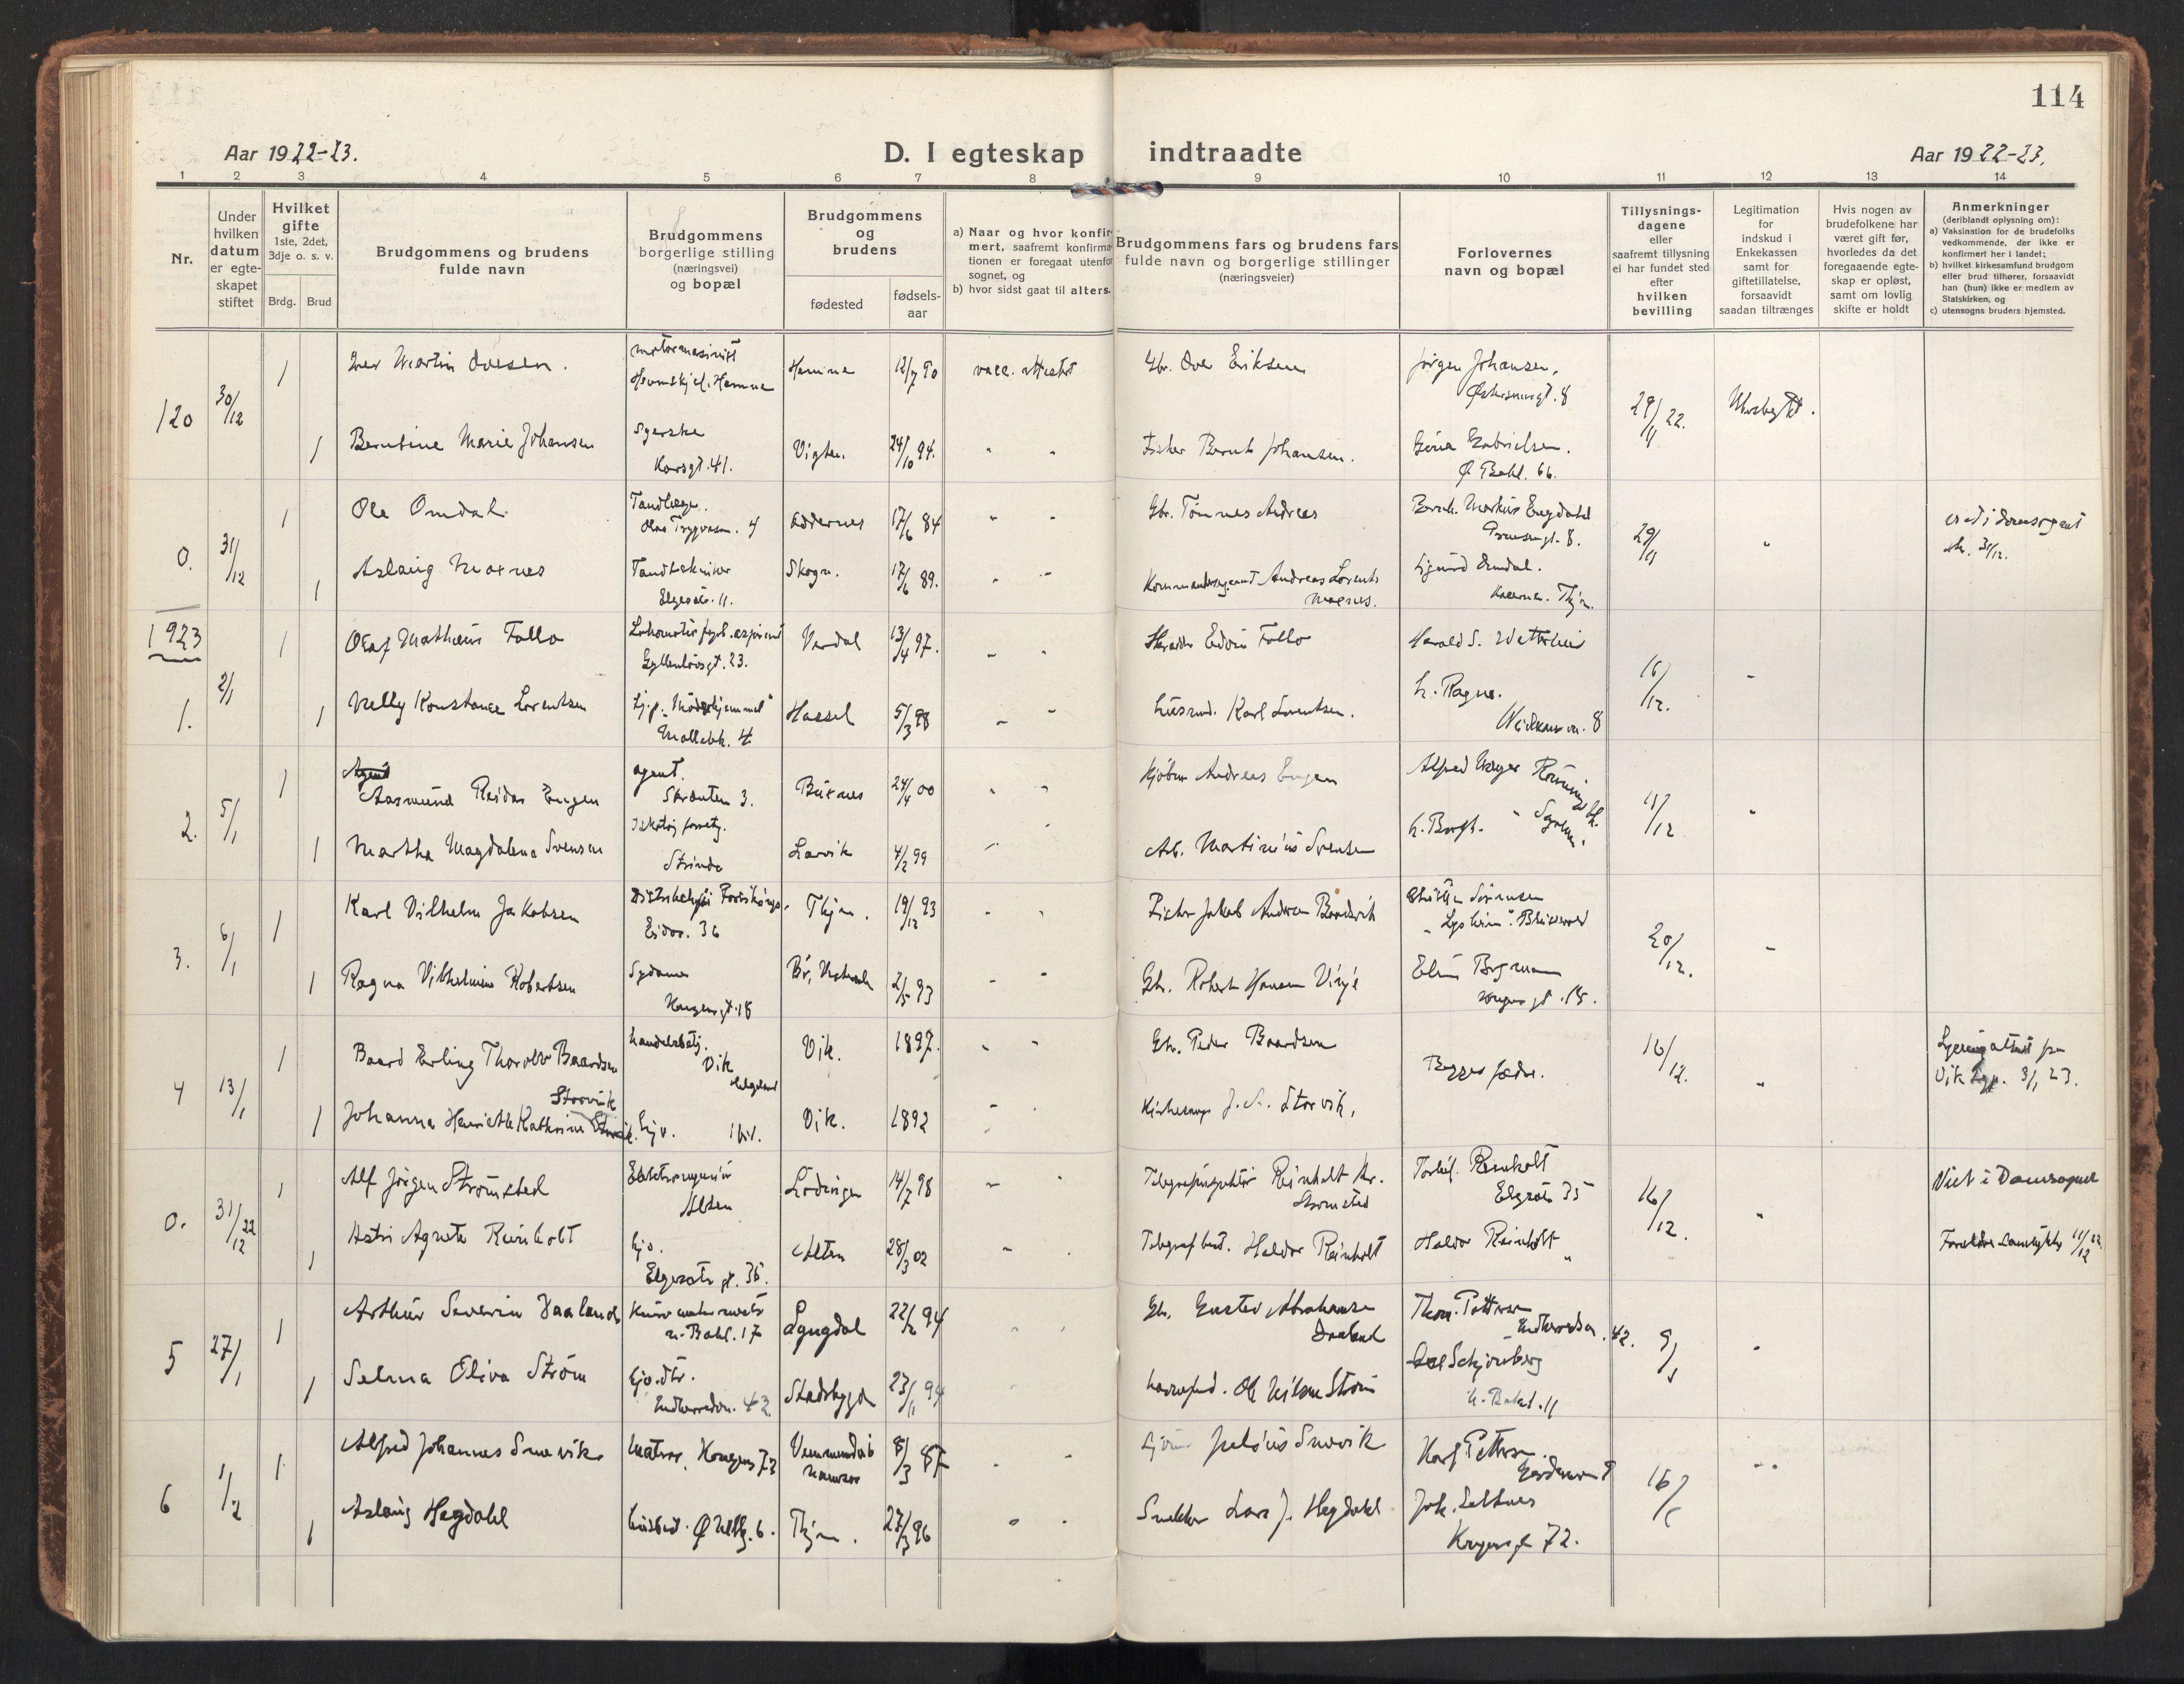 SAT, Ministerialprotokoller, klokkerbøker og fødselsregistre - Sør-Trøndelag, 604/L0206: Ministerialbok nr. 604A26, 1917-1931, s. 114